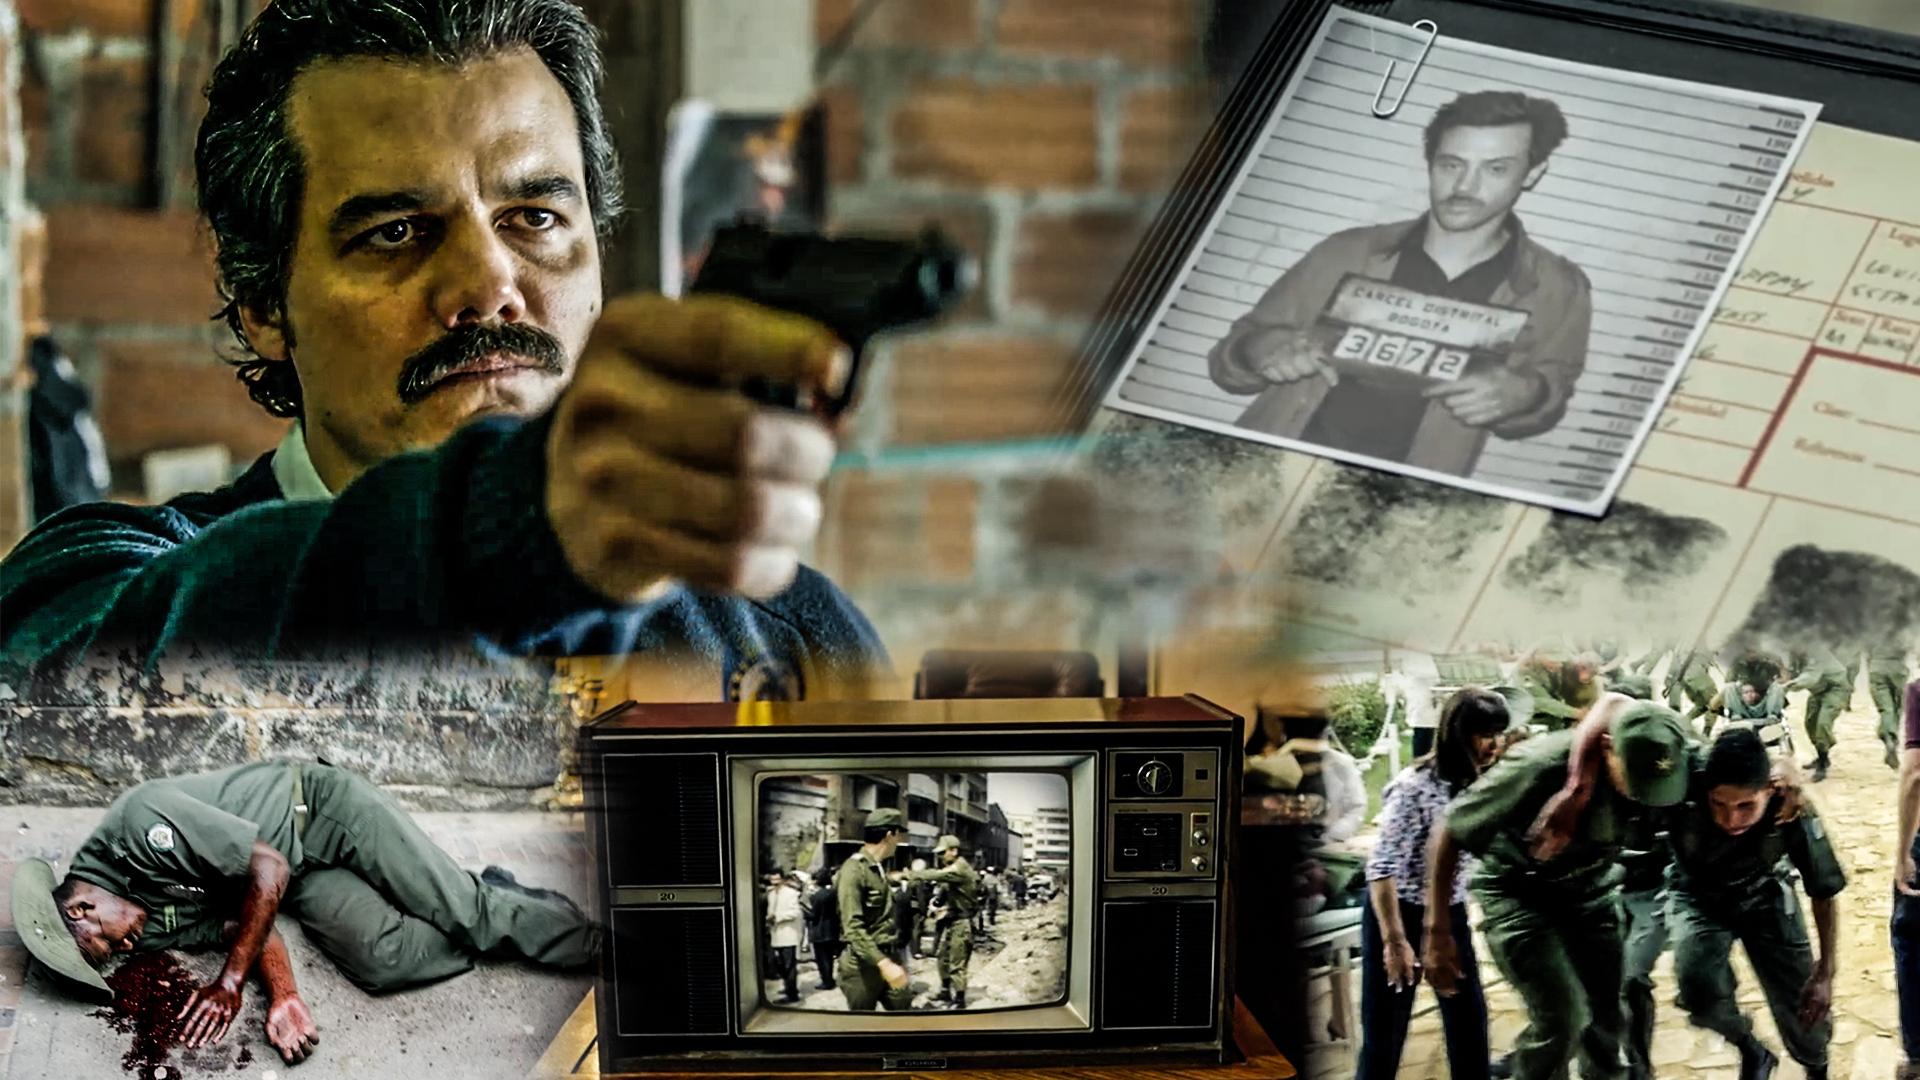 【墨菲】《毒枭》第7期:巴勃罗再发动屠杀,美国政府大换血